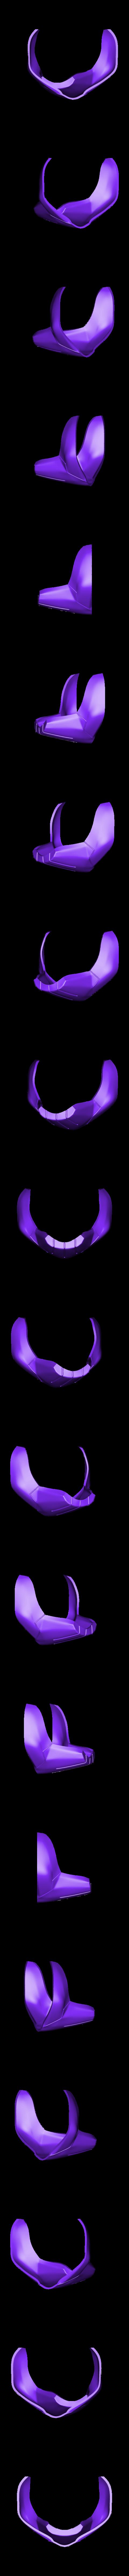 Taskmaster_Mask_Udon_w_Strap_Holes_Part_2.stl Télécharger fichier STL gratuit Masque Udon Taskmaster • Modèle pour imprimante 3D, VillainousPropShop